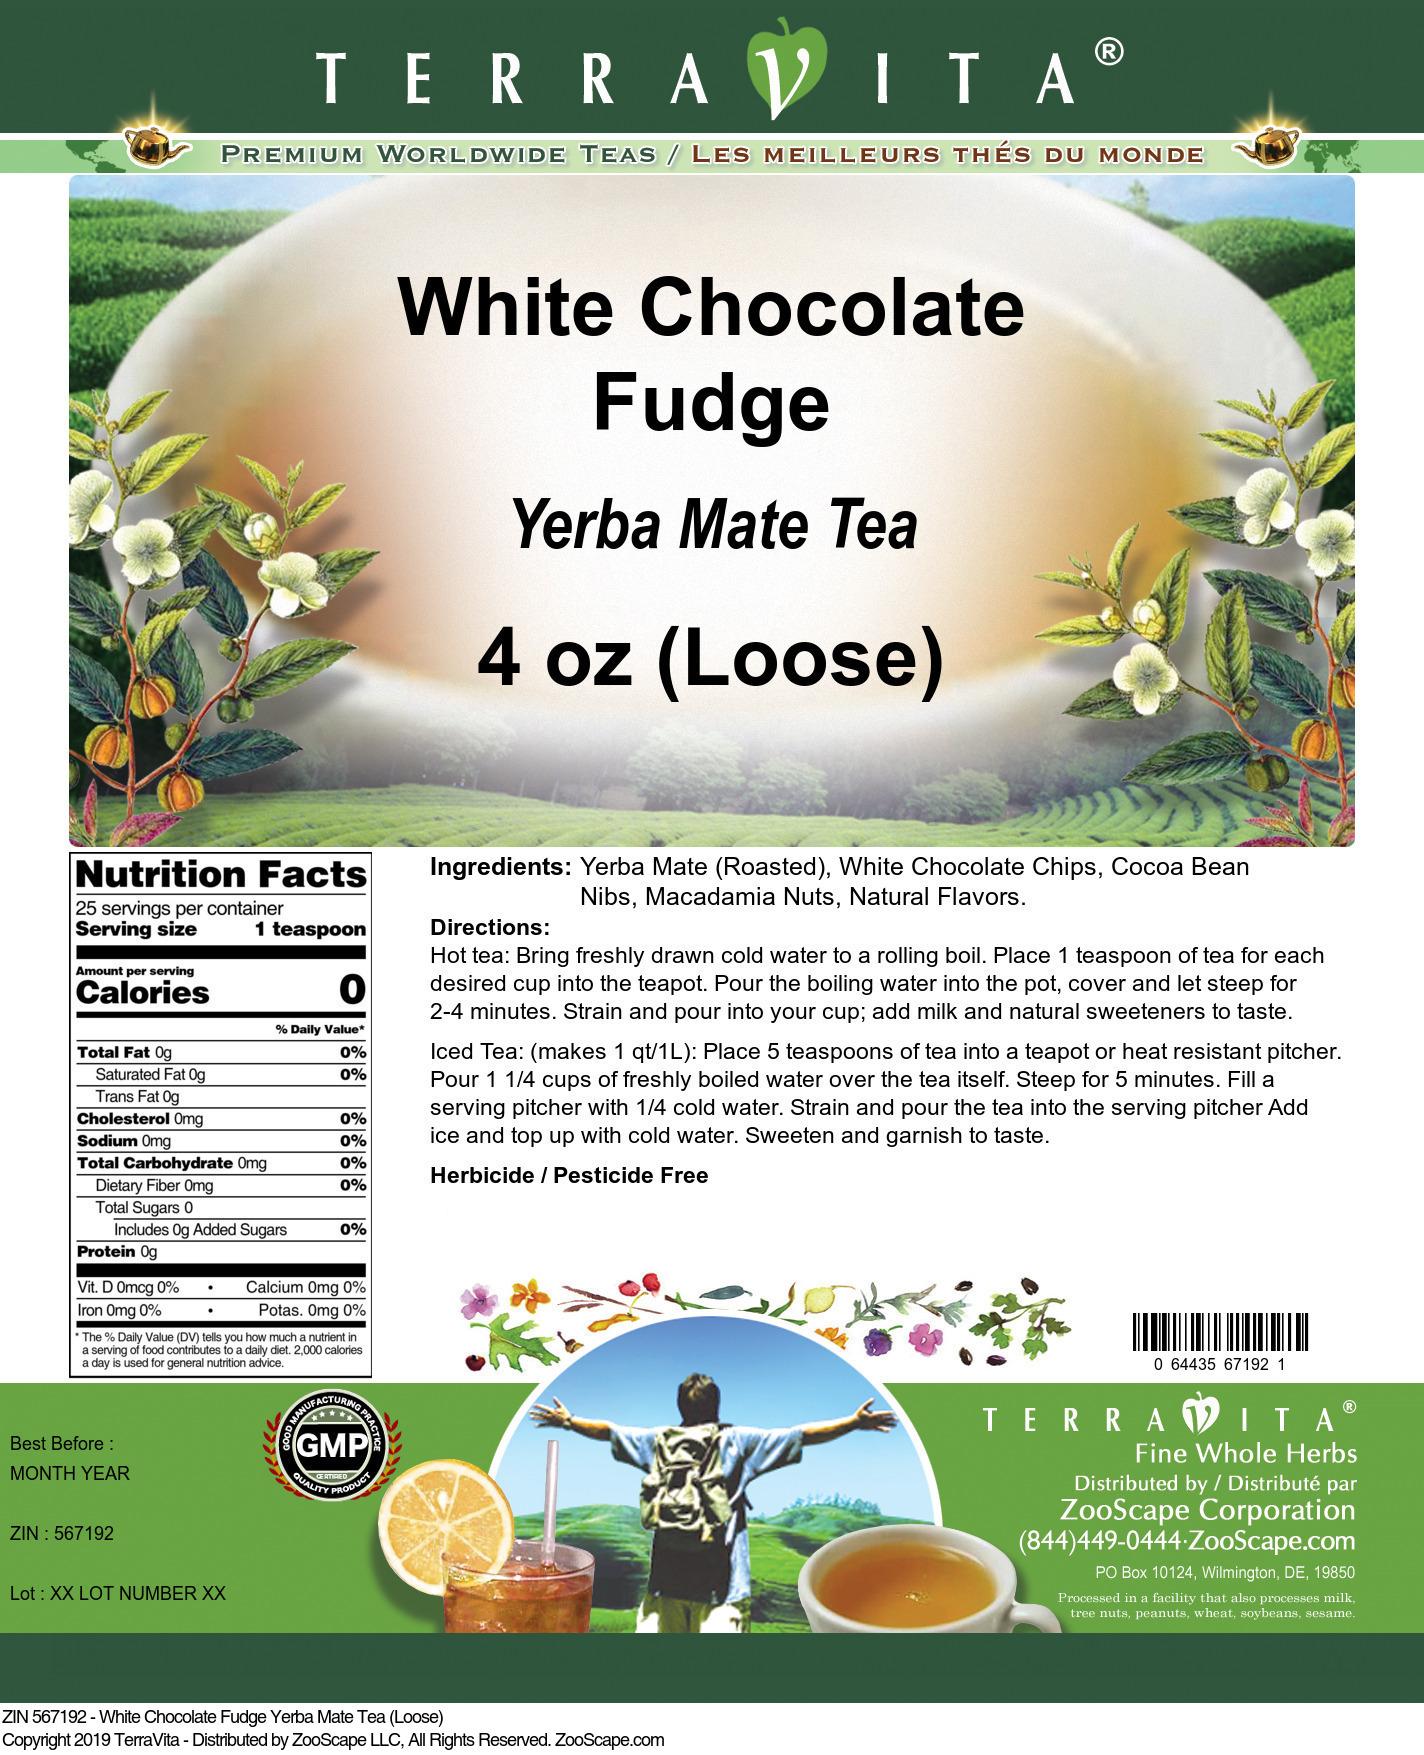 White Chocolate Fudge Yerba Mate